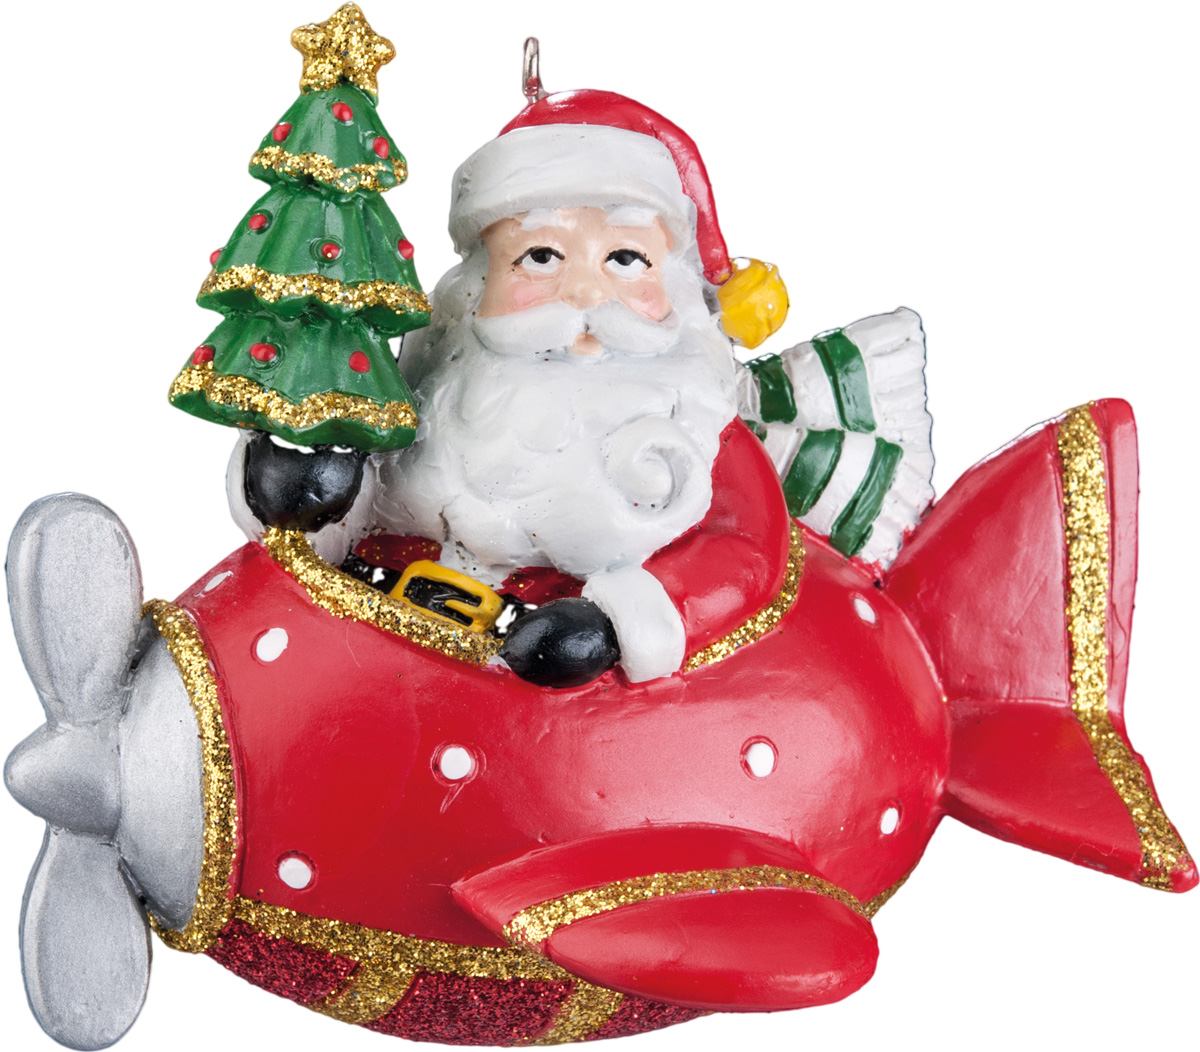 Украшение для интерьера новогоднее Erich Krause Рождественский полет, 8,5 см742-4-В-ПУкрашение имеет много интересных деталей: самолет, Дед Мороз, и елка. Новогодние украшения всегда несут в себе волшебство и красоту праздника. Создайте в своем доме атмосферу тепла, веселья и радости, украшая его всей семьей.